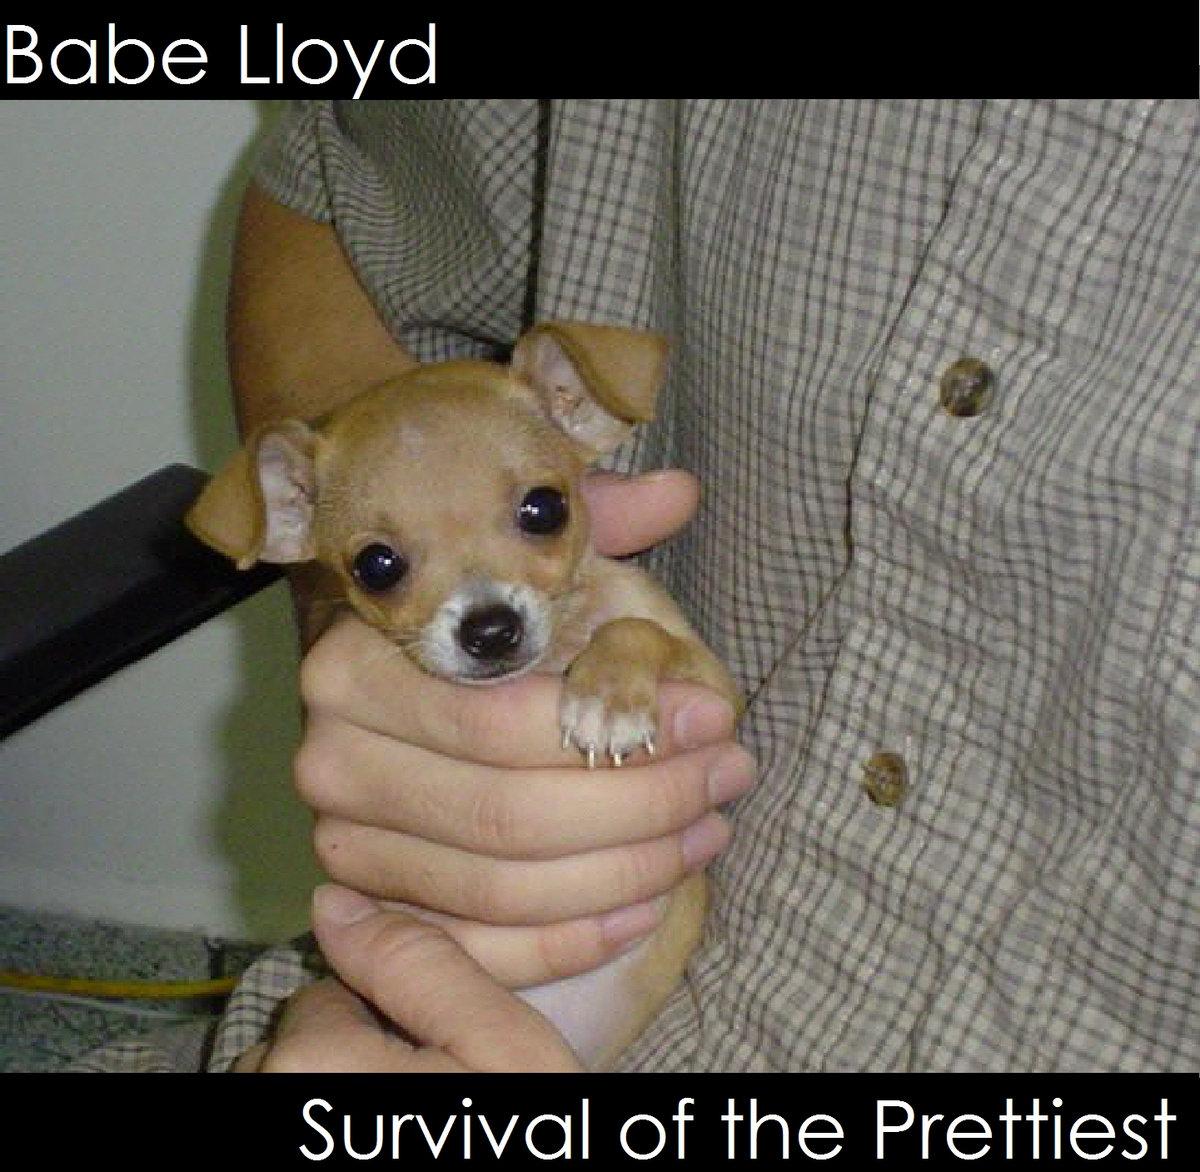 Animal Babe Porn porn shop regular | babe lloyd